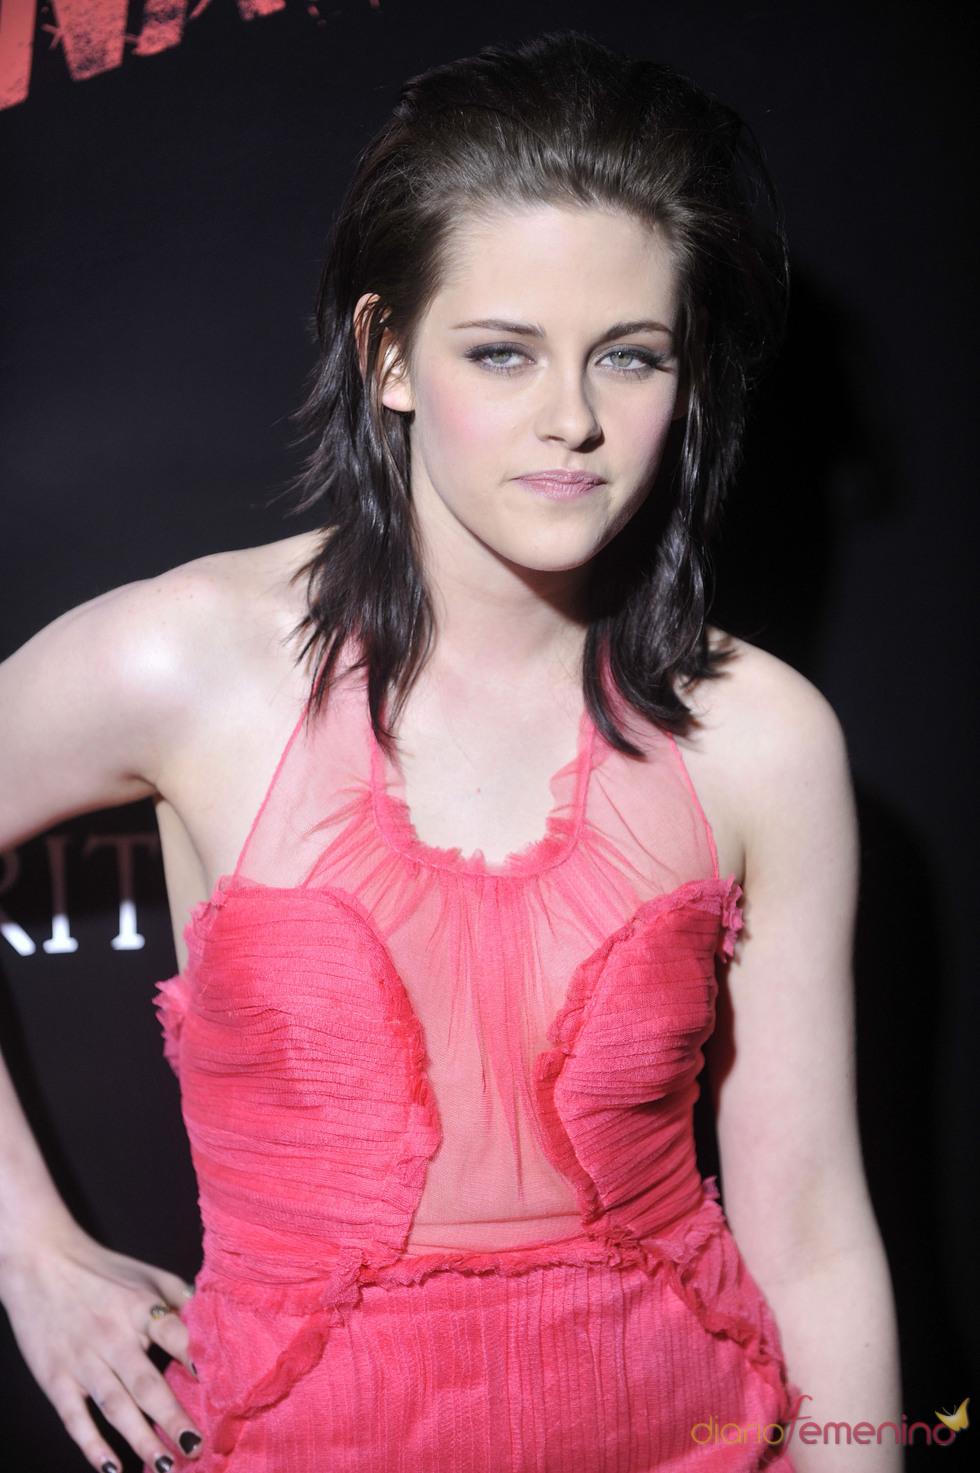 Stewart con vestido de Doo.ri en la premiere de 'The Runaways'